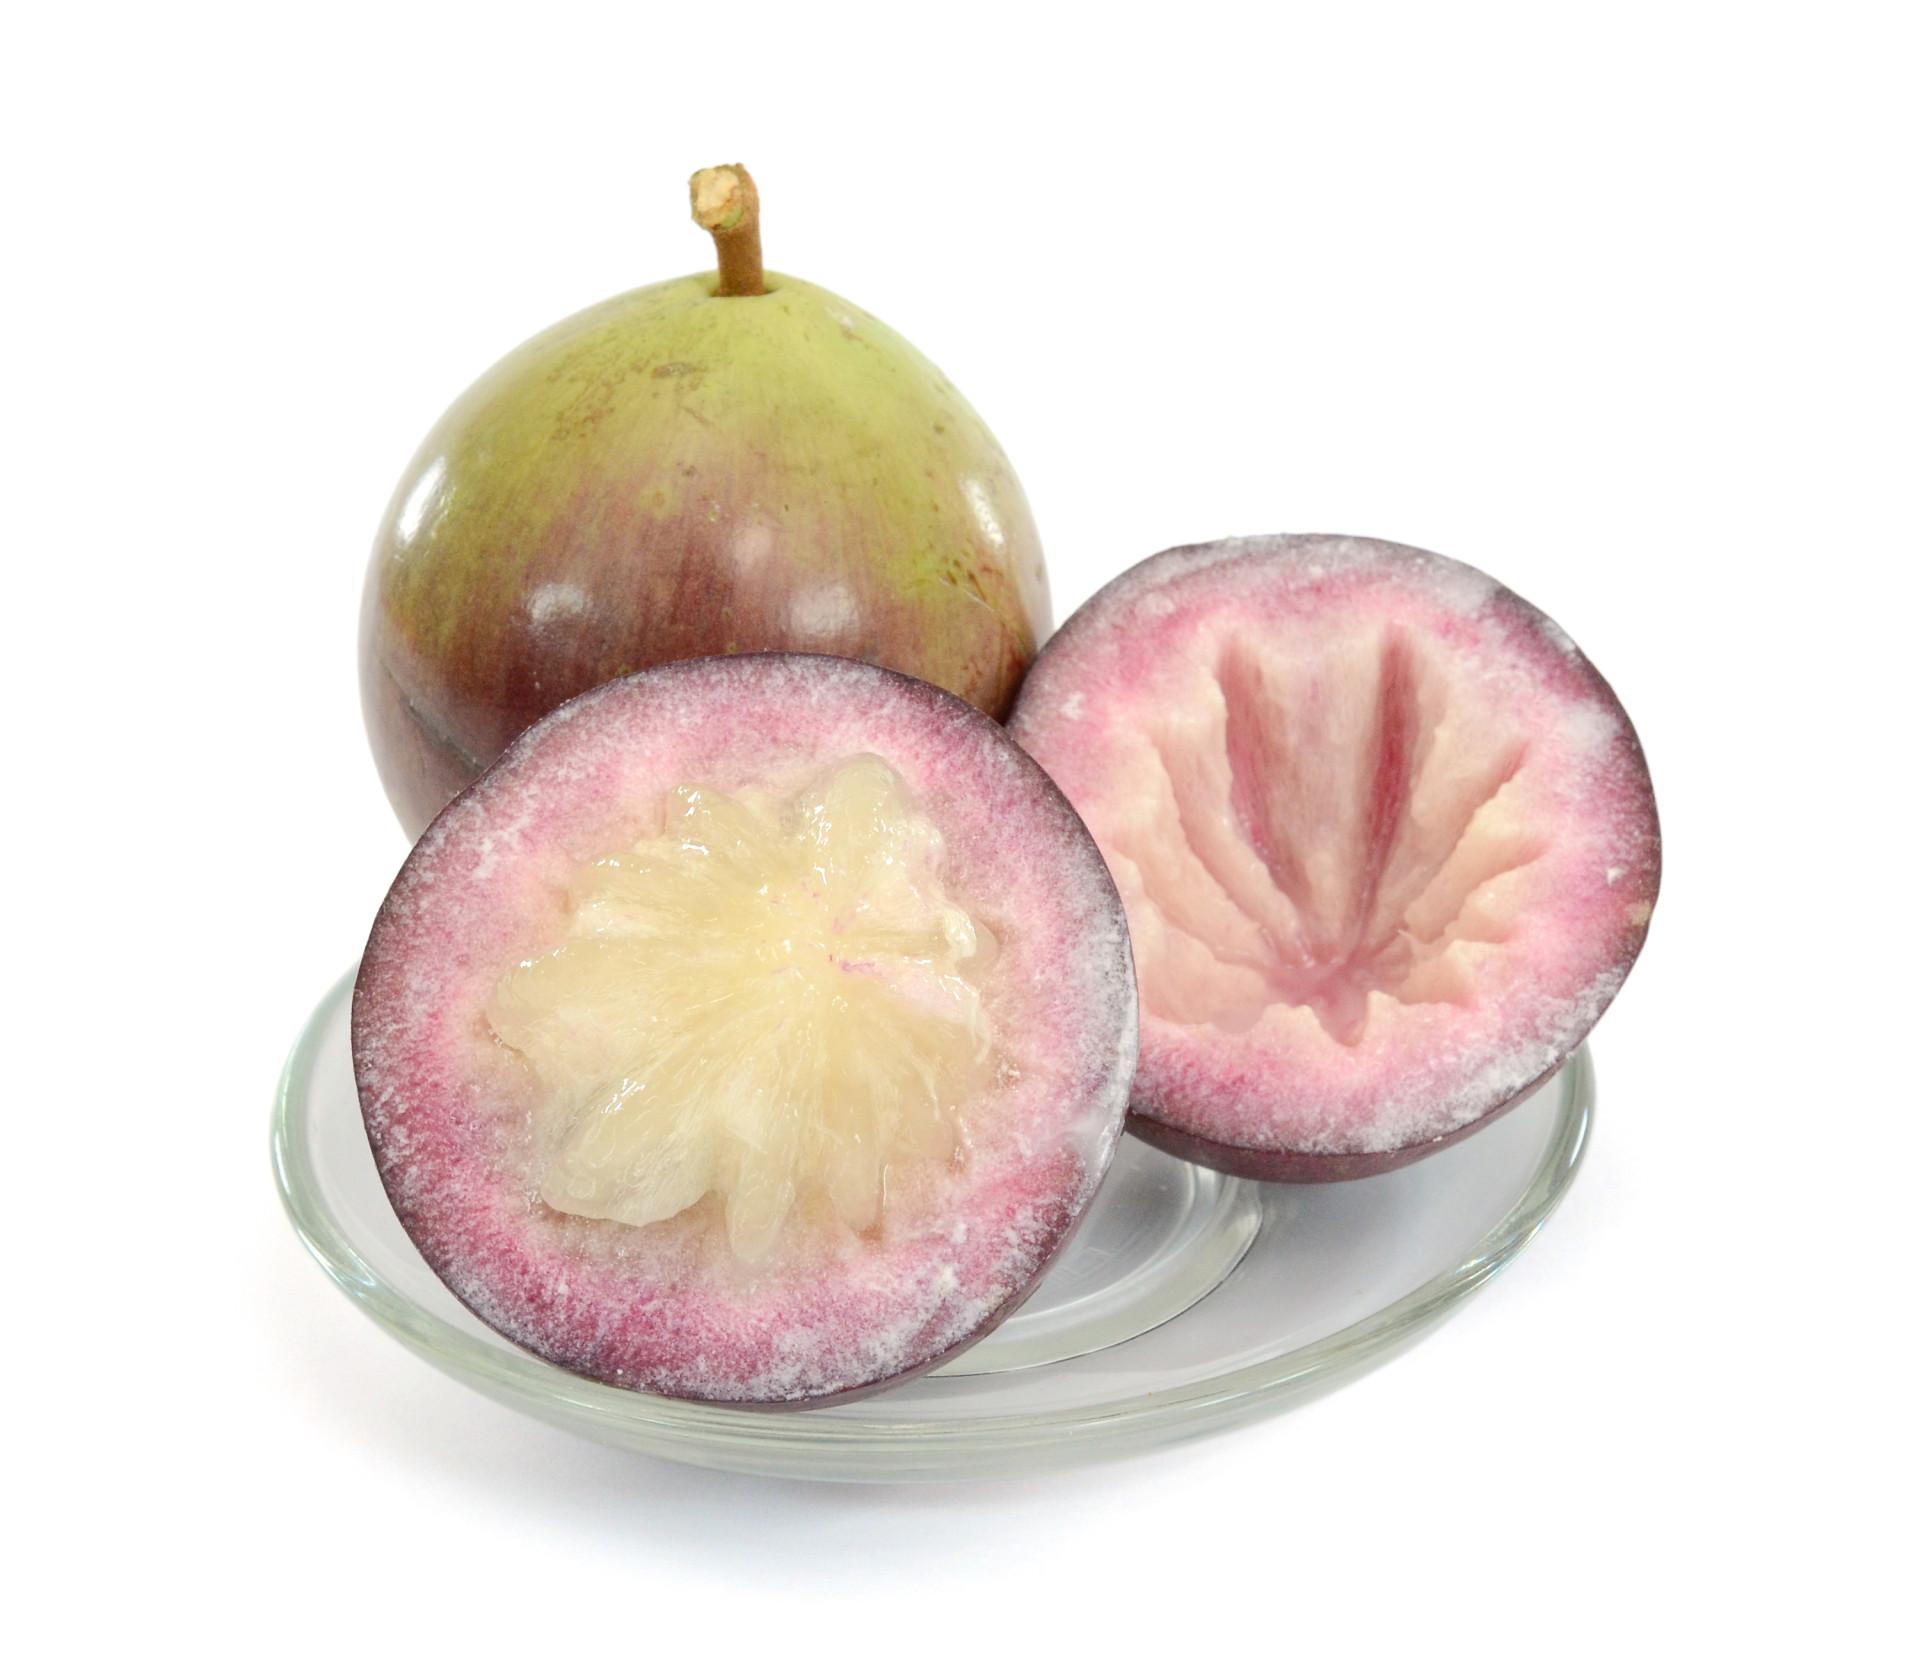 Seria capaz de experimentar estas estranhas frutas?